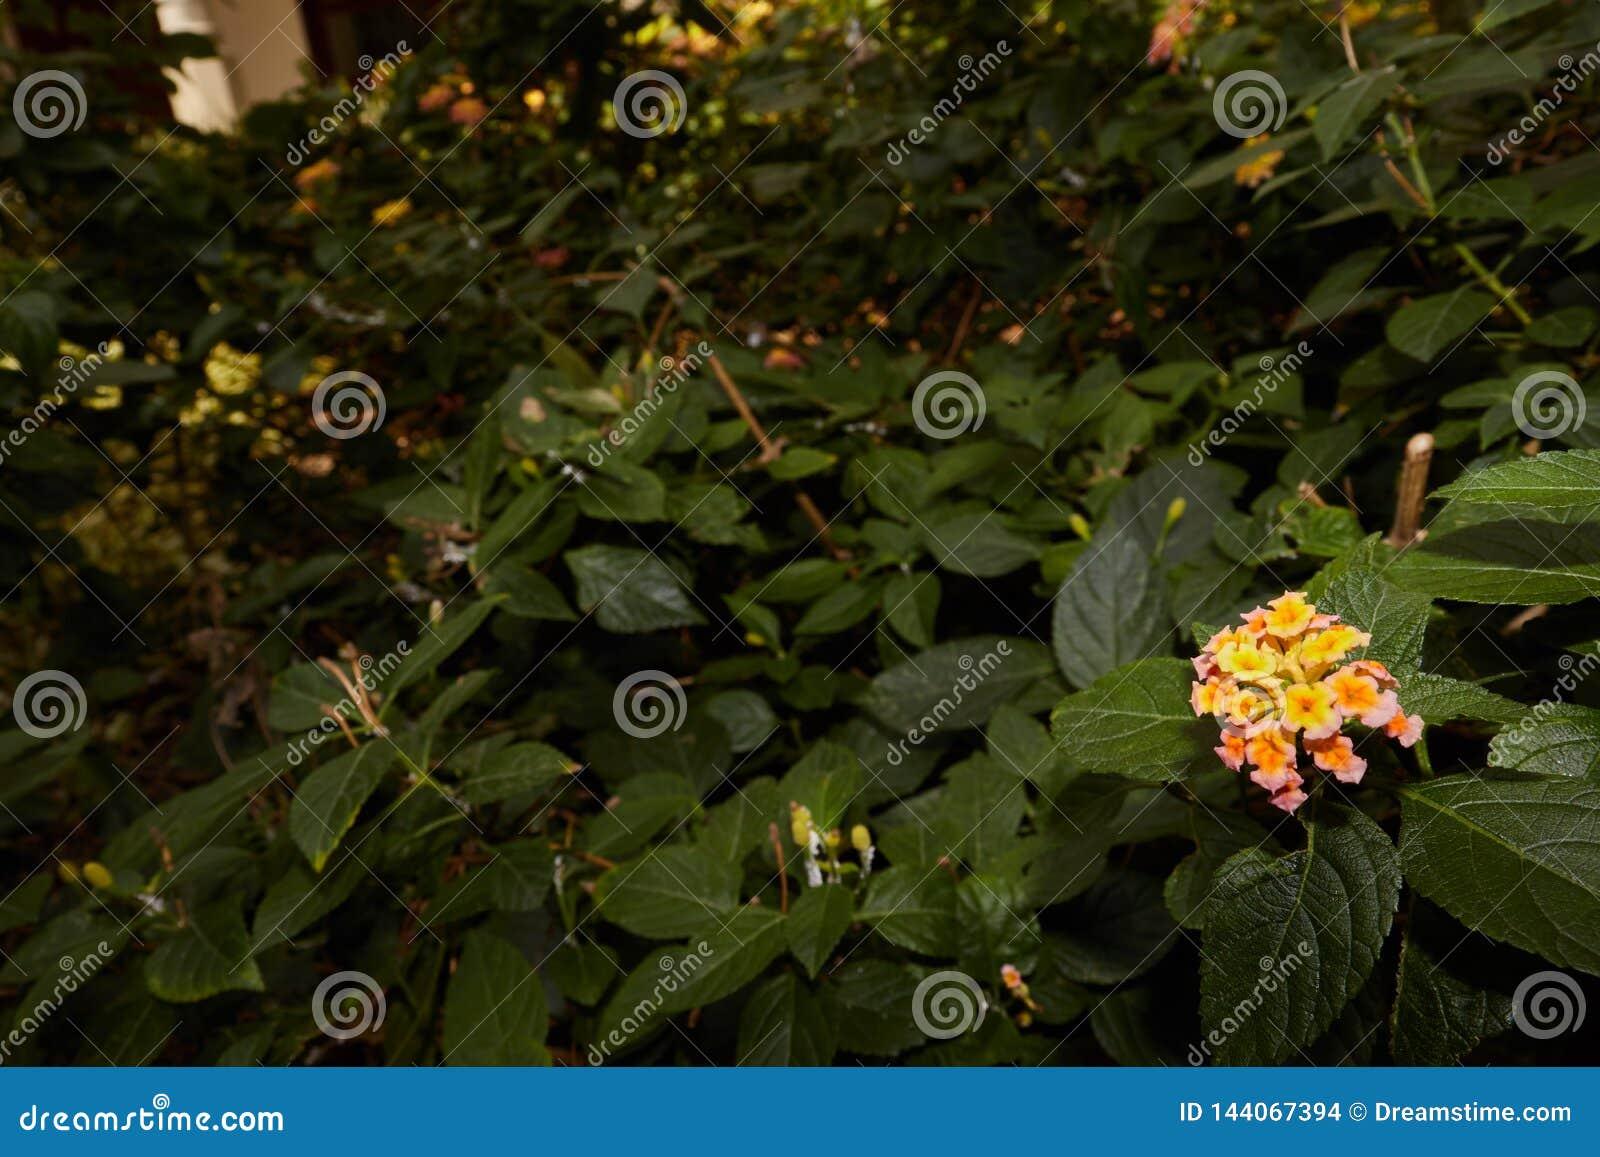 Flores pequenas com um escuro - fundo verde